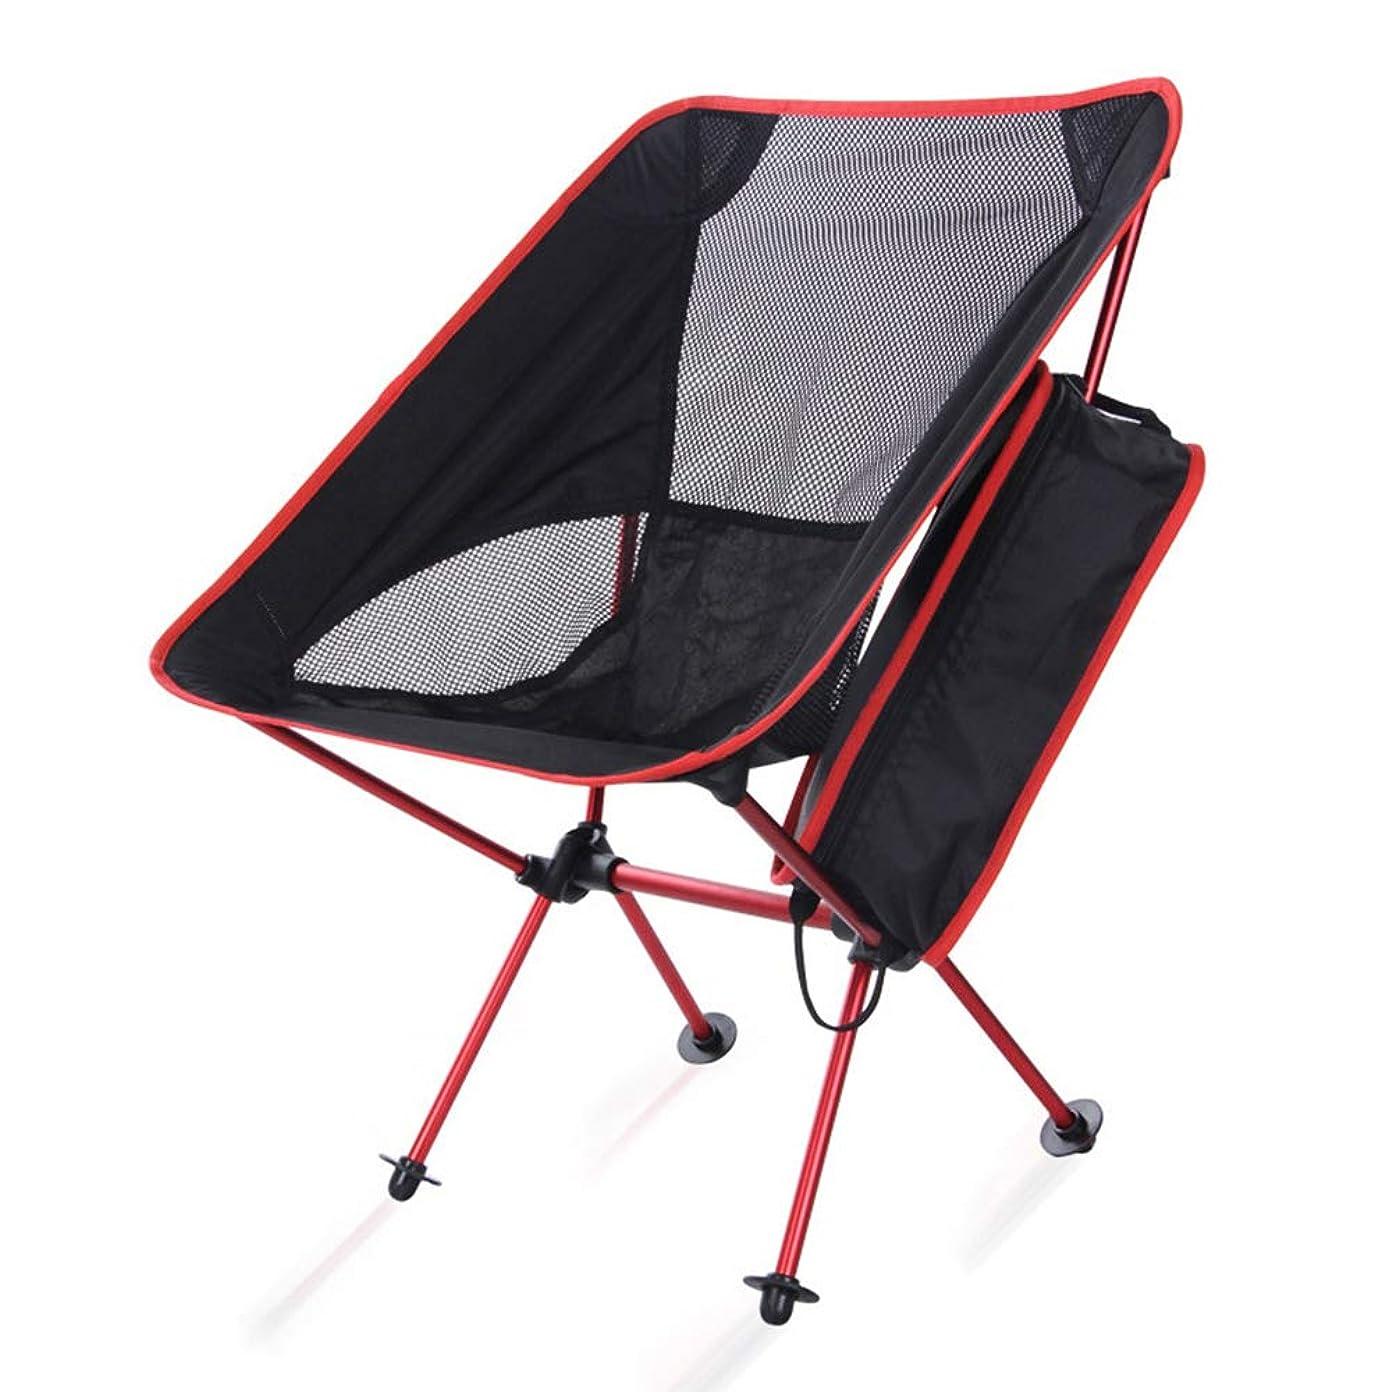 変装岸針RAKU アウトドアチェア ヒーリングチェア 耐荷重150kg キャンプ椅子 コンパクト 超軽量 折りたたみ アルミ合金 オックスフォード 収納バッグ付き 組み立て簡単 持ち運びやすい ハイキング キャンプチェア パレットラウンジチェア 収納簡単 椅子